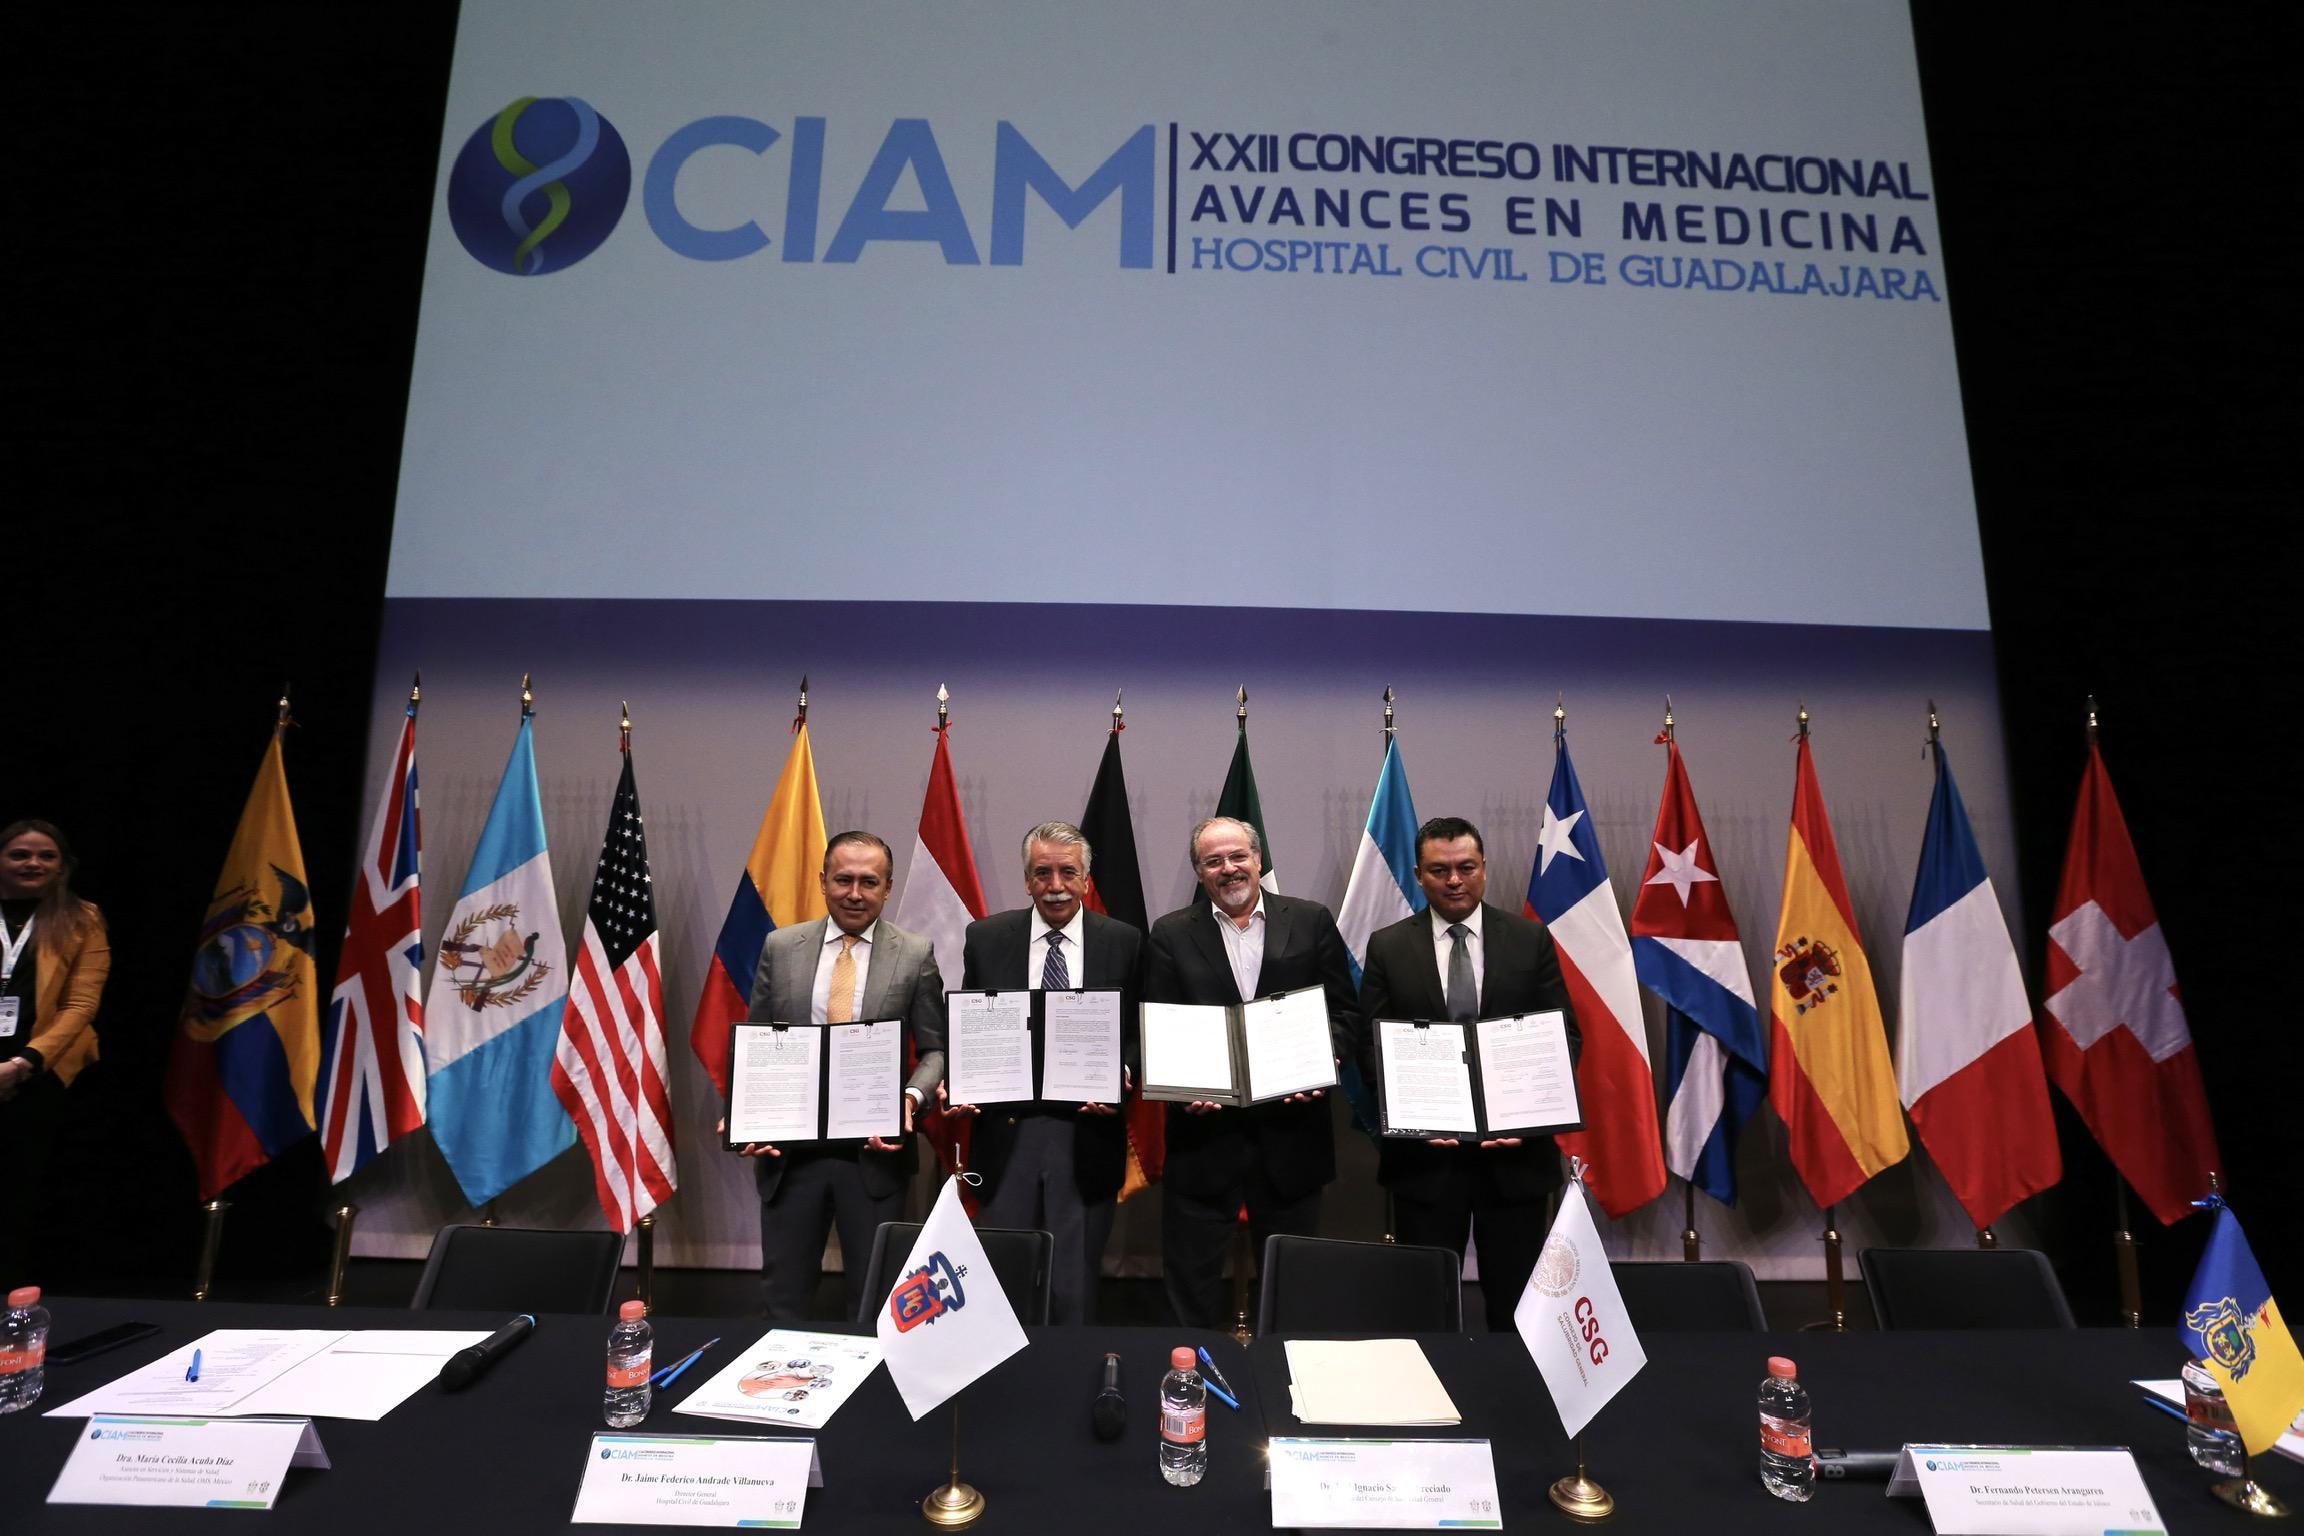 OPD Hospital Civil y todas las instancias de salud de Jalisco se unen a modelo de seguridad del paciente